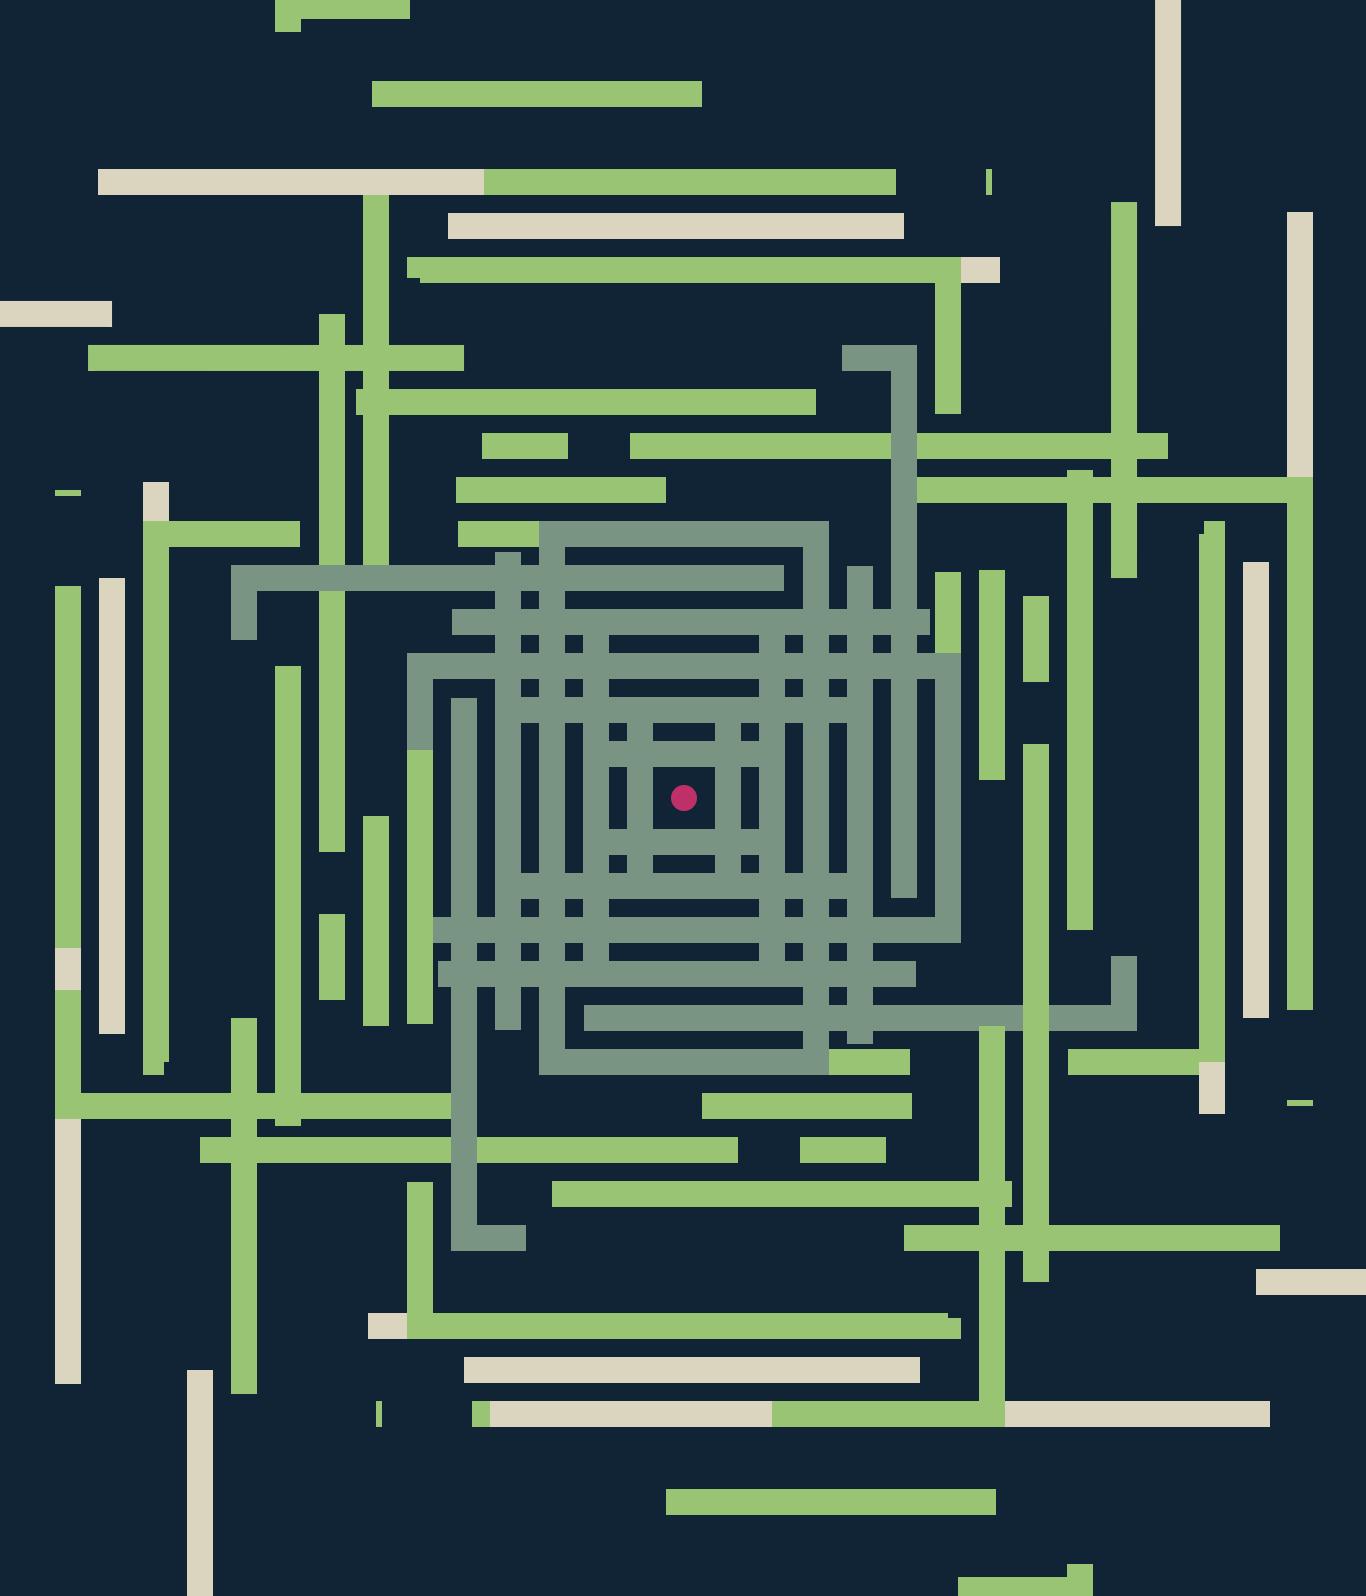 isolation-pixel-static-60